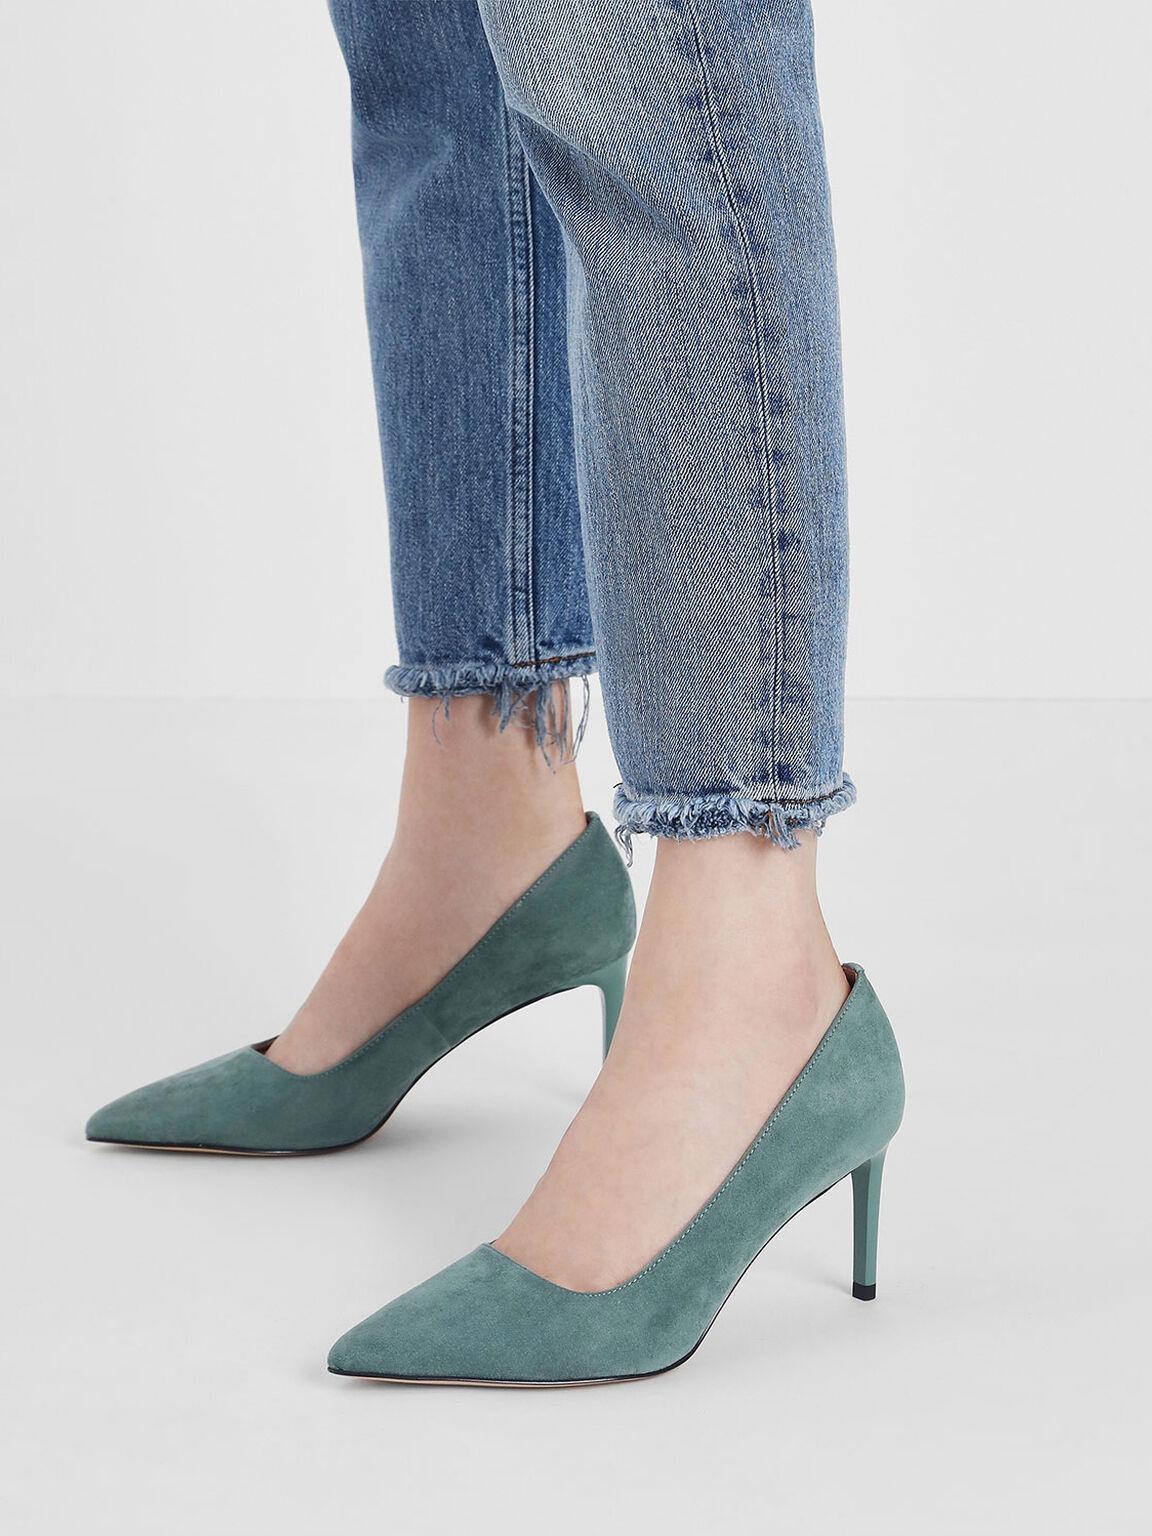 Classic Pointed Toe Pumps, Mint Green, hi-res